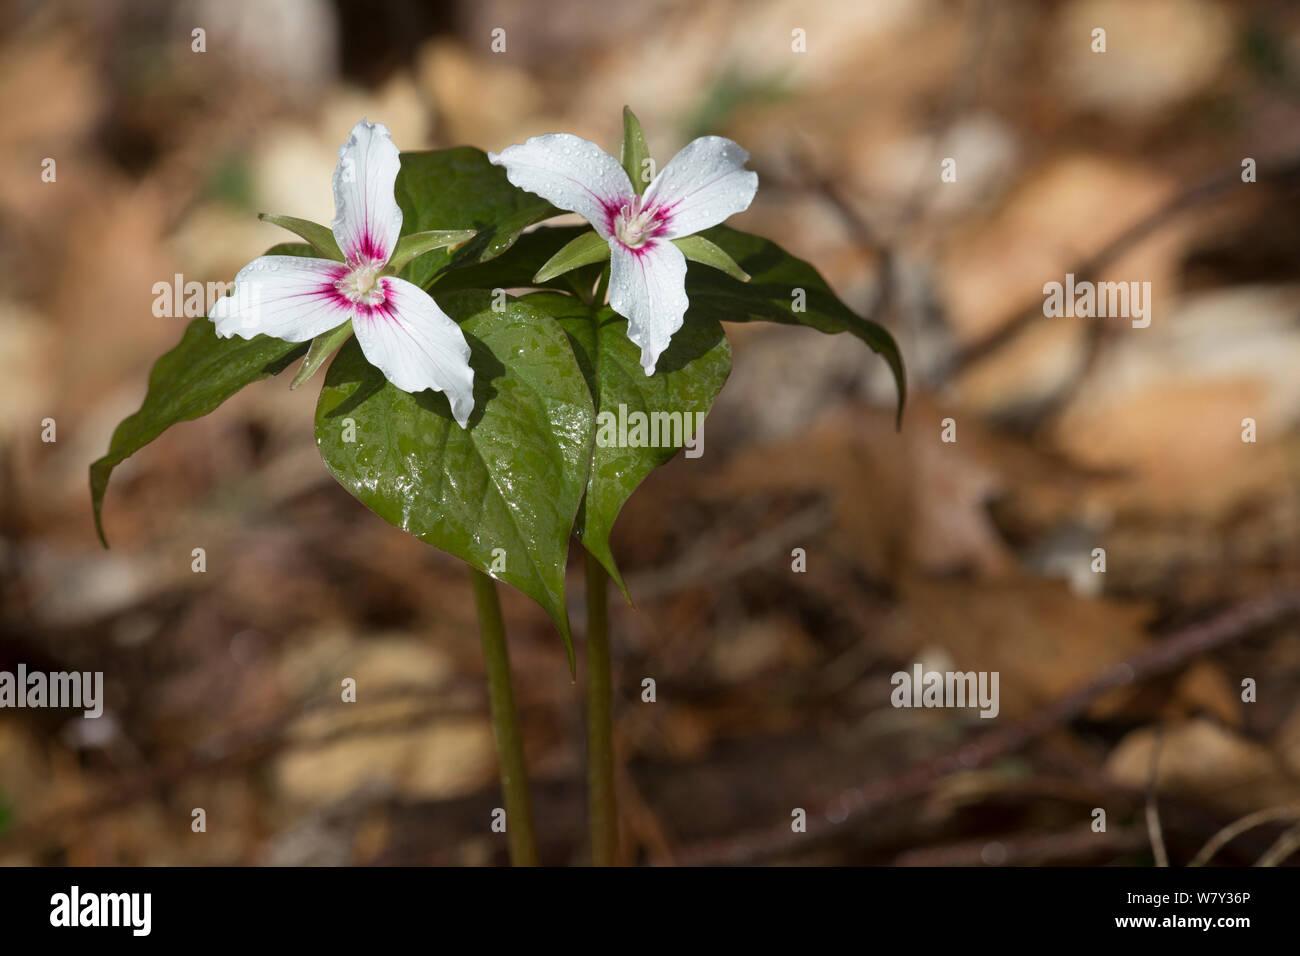 Painted trillium (Trillium undulatum) flower, Pleasant Valley, Connecticut, USA Stock Photo